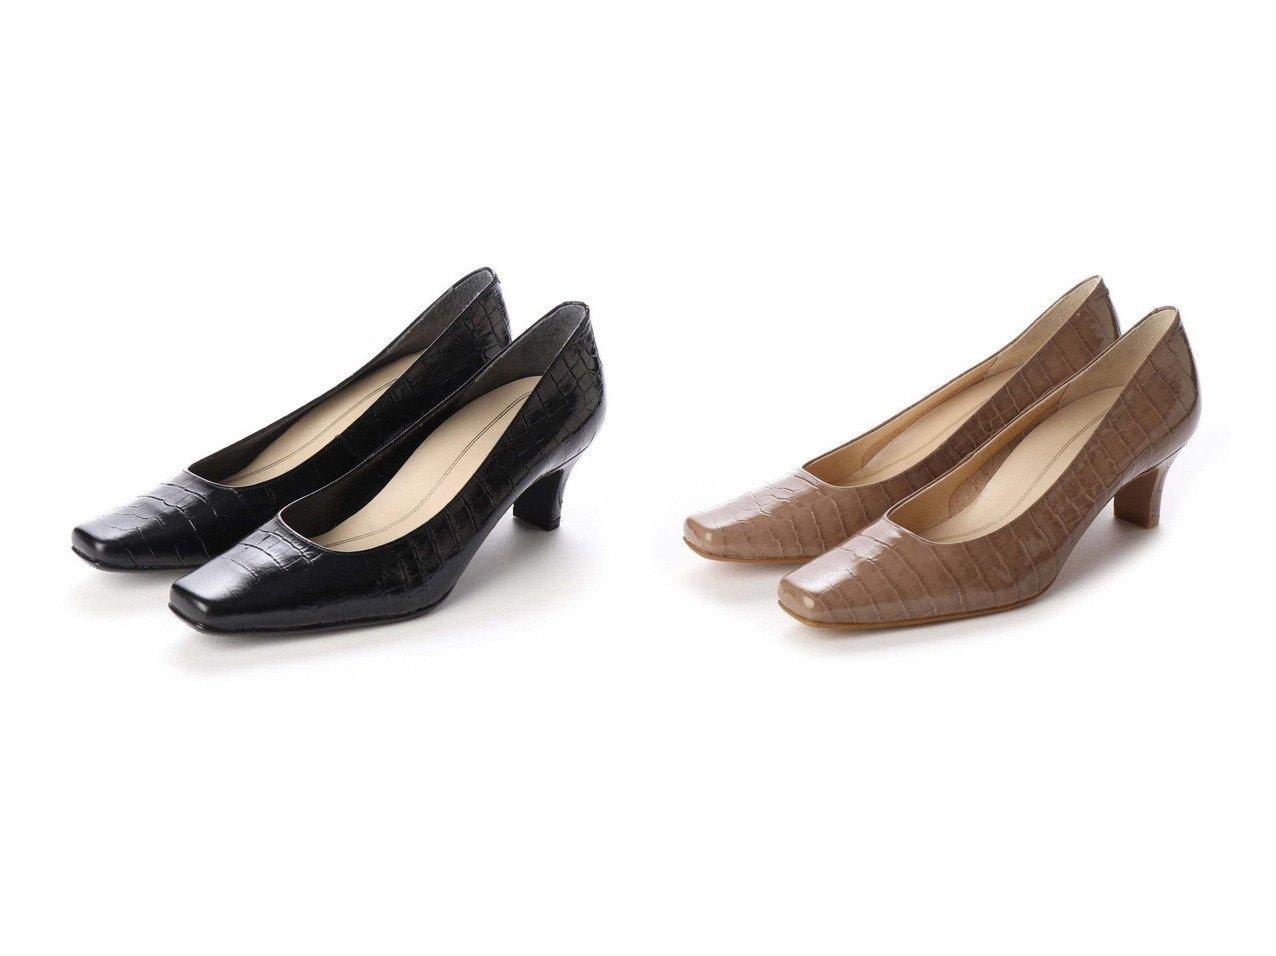 【MODE ET JACOMO/モード エ ジャコモ】の【3E】スクエアカットプレーンパンプス 【シューズ・靴】おすすめ!人気、トレンド・レディースファッションの通販 おすすめで人気の流行・トレンド、ファッションの通販商品 メンズファッション・キッズファッション・インテリア・家具・レディースファッション・服の通販 founy(ファニー) https://founy.com/ ファッション Fashion レディースファッション WOMEN 送料無料 Free Shipping おすすめ Recommend エレガント シューズ スクエア 人気 定番 Standard 日本製 Made in Japan |ID:crp329100000030418